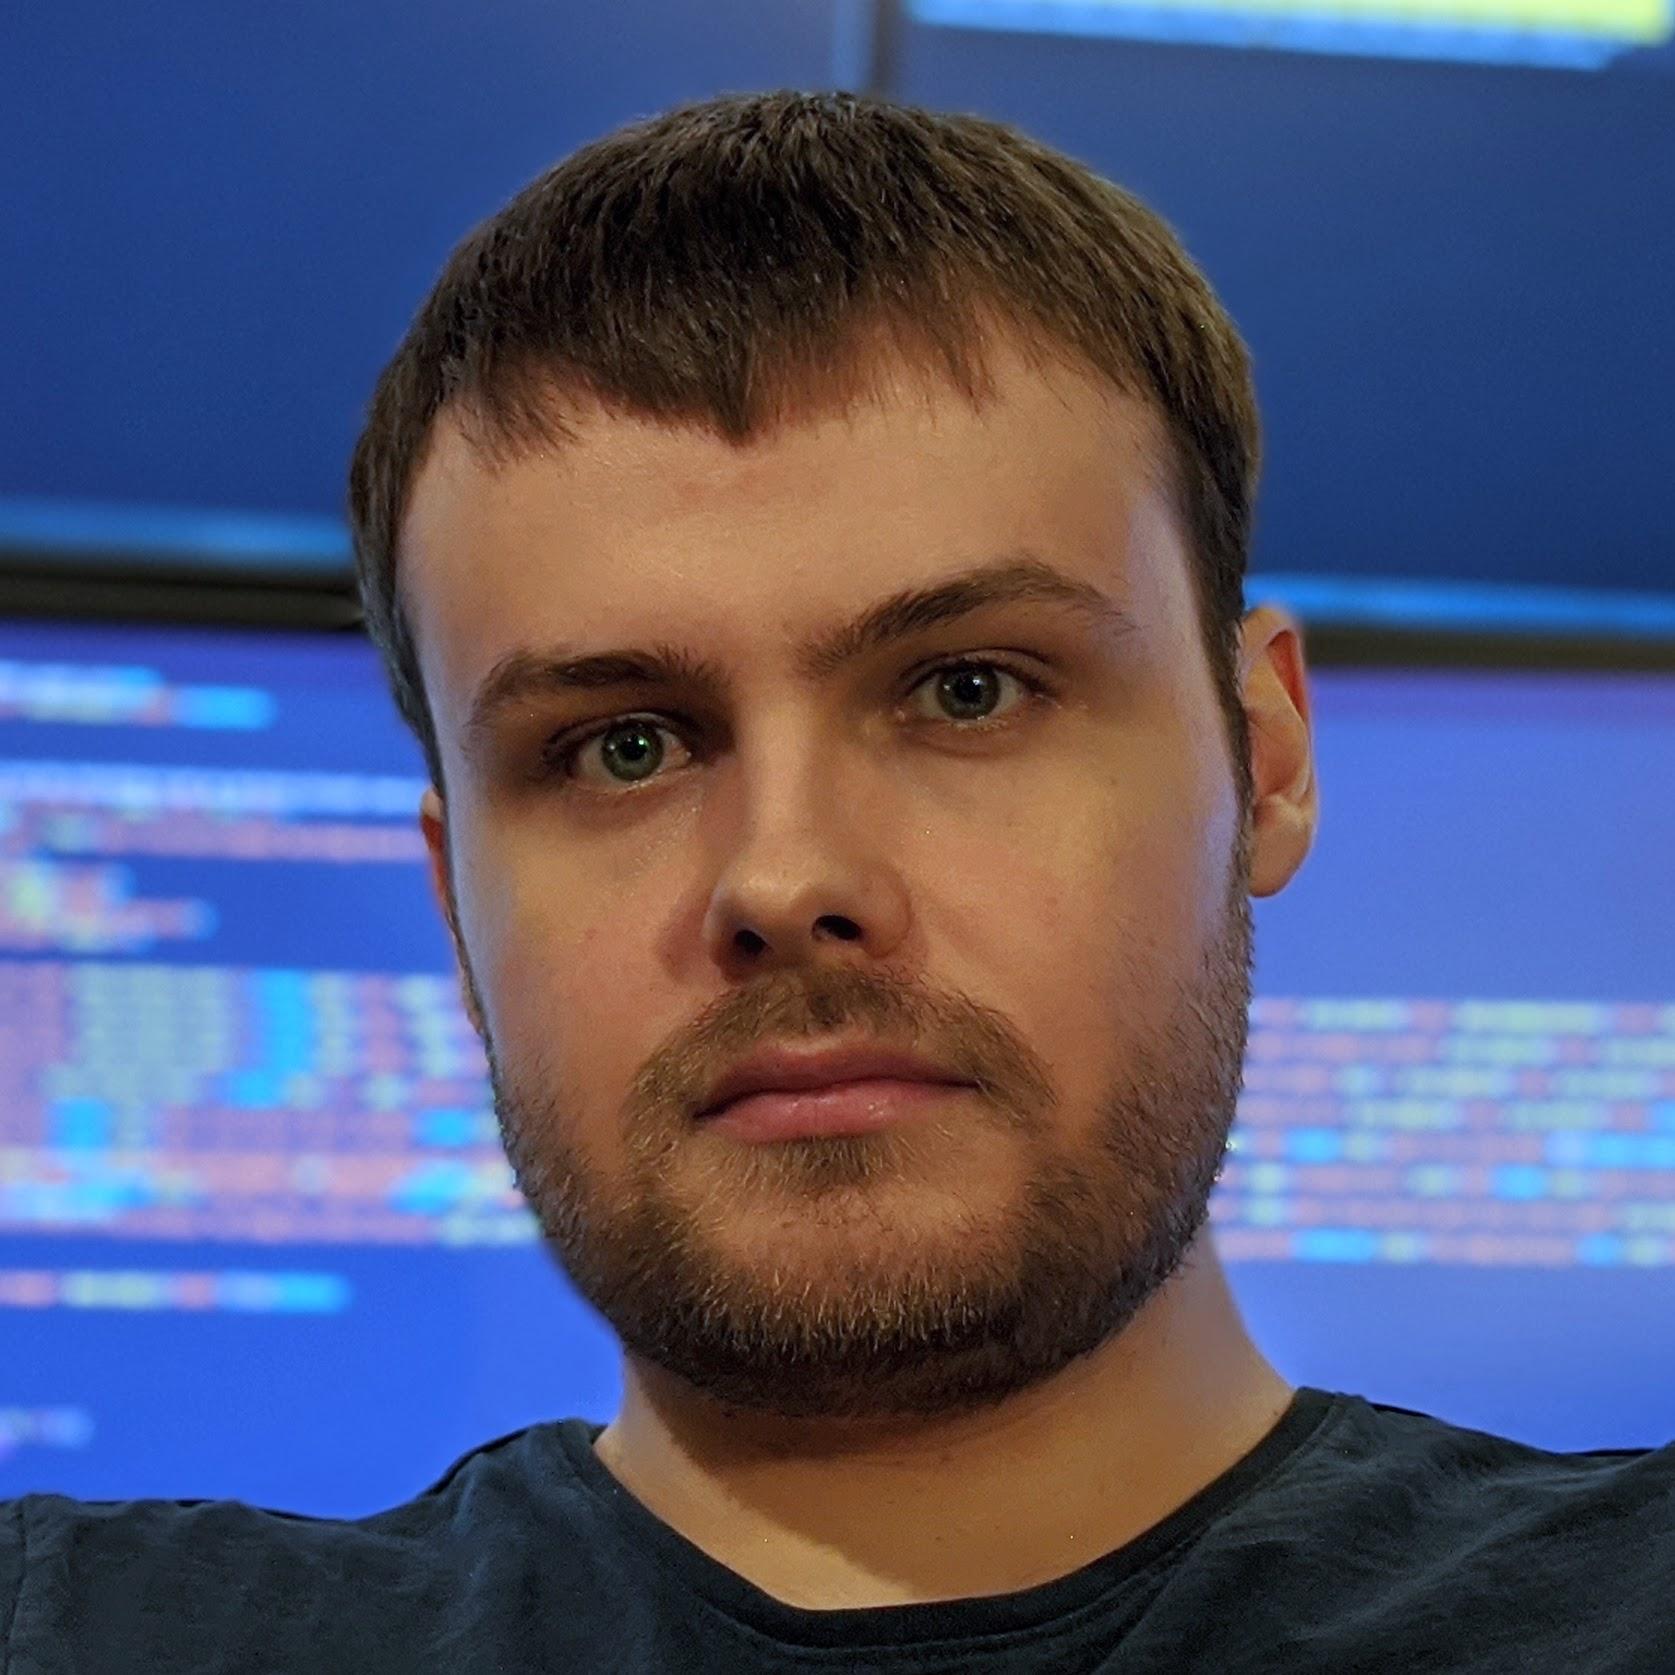 Ethan Wojcinski